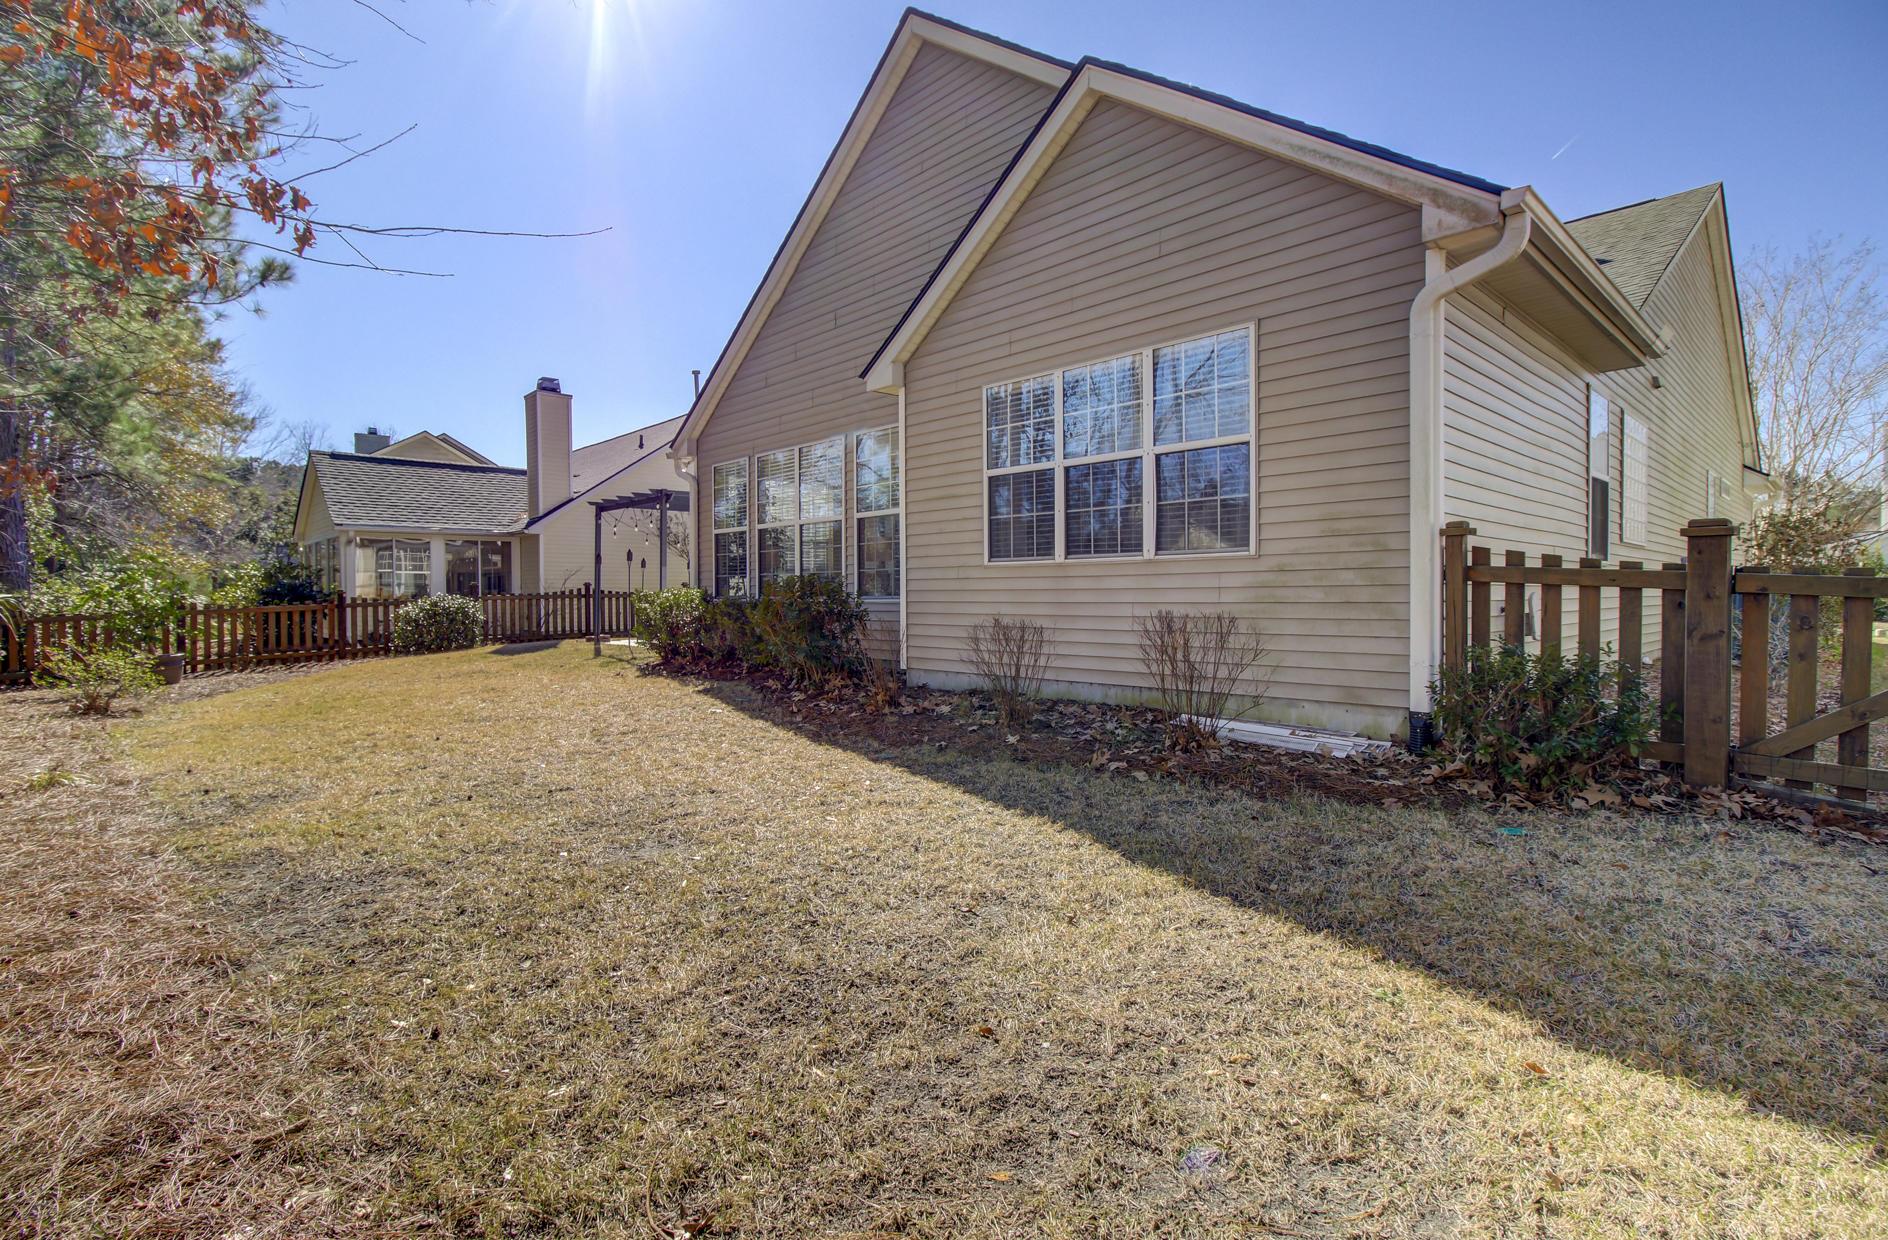 Park West Homes For Sale - 1497 Endicot, Mount Pleasant, SC - 10